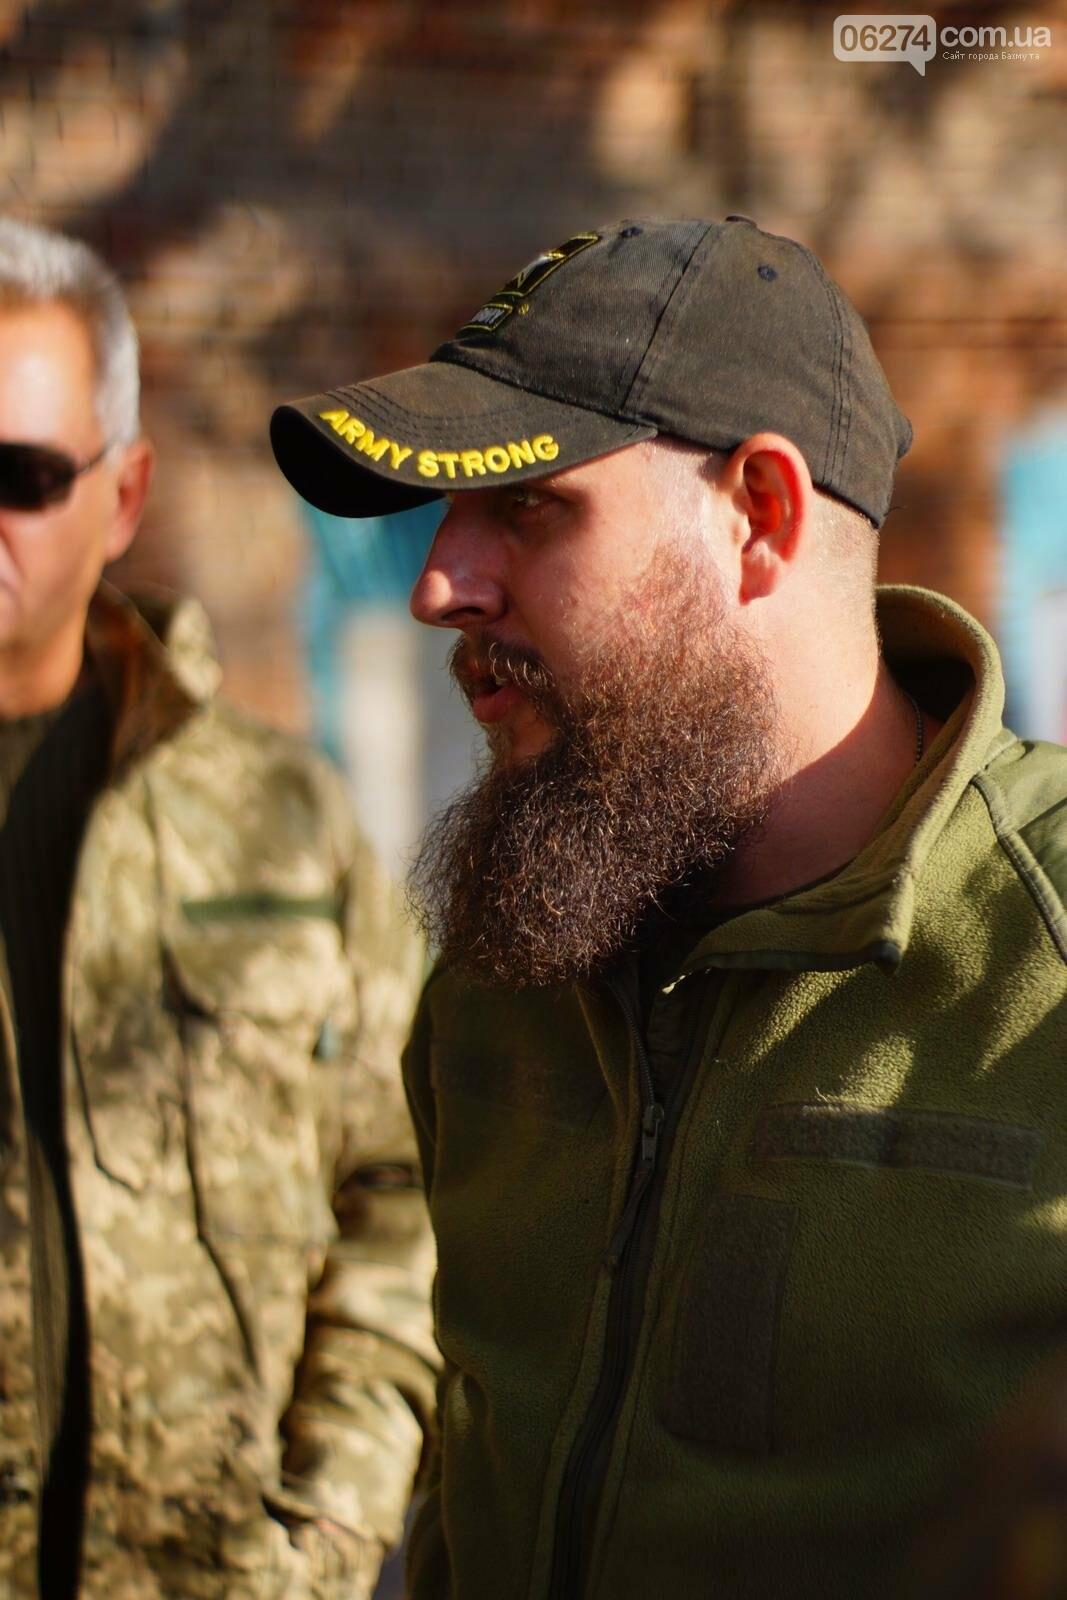 В Бахмуте открыли мобилизационный центр для добровольцев, фото-3